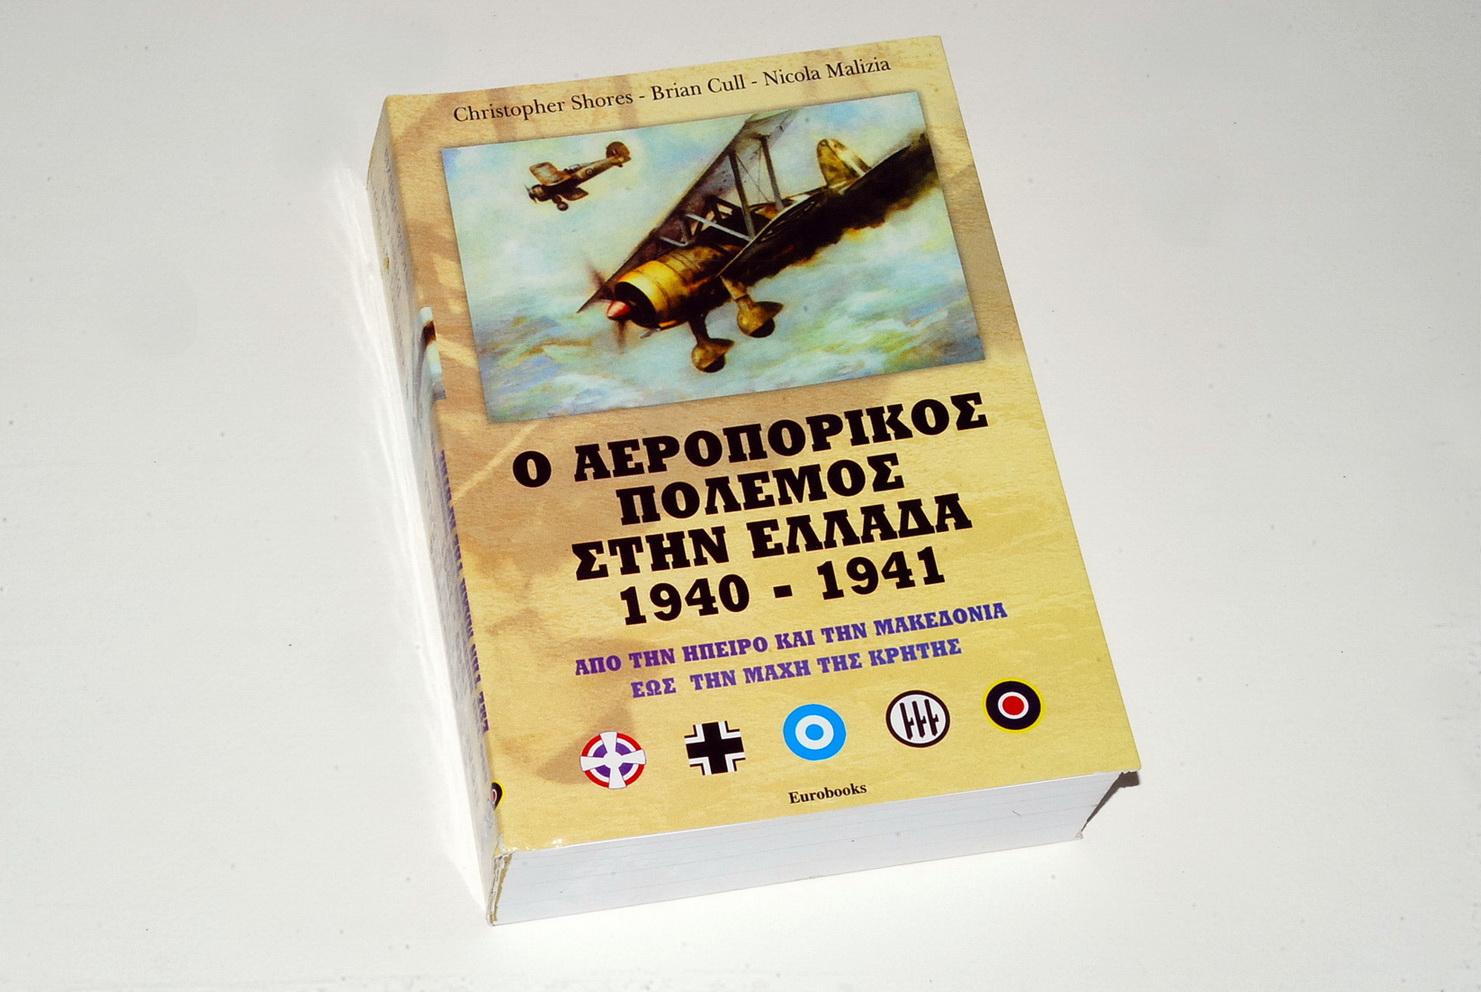 «O Aεροπορικός Πόλεμος στην Ελλάδα 1940 – 1941» των C.Shores-B.Cull-N.Malizia & «Φτερά Αετού», Πιλότος βομβαρδιστικών και καταδιωκτικών 1935-1945 του Ηajo Herrmann, Εκδόσεις Εurobooks